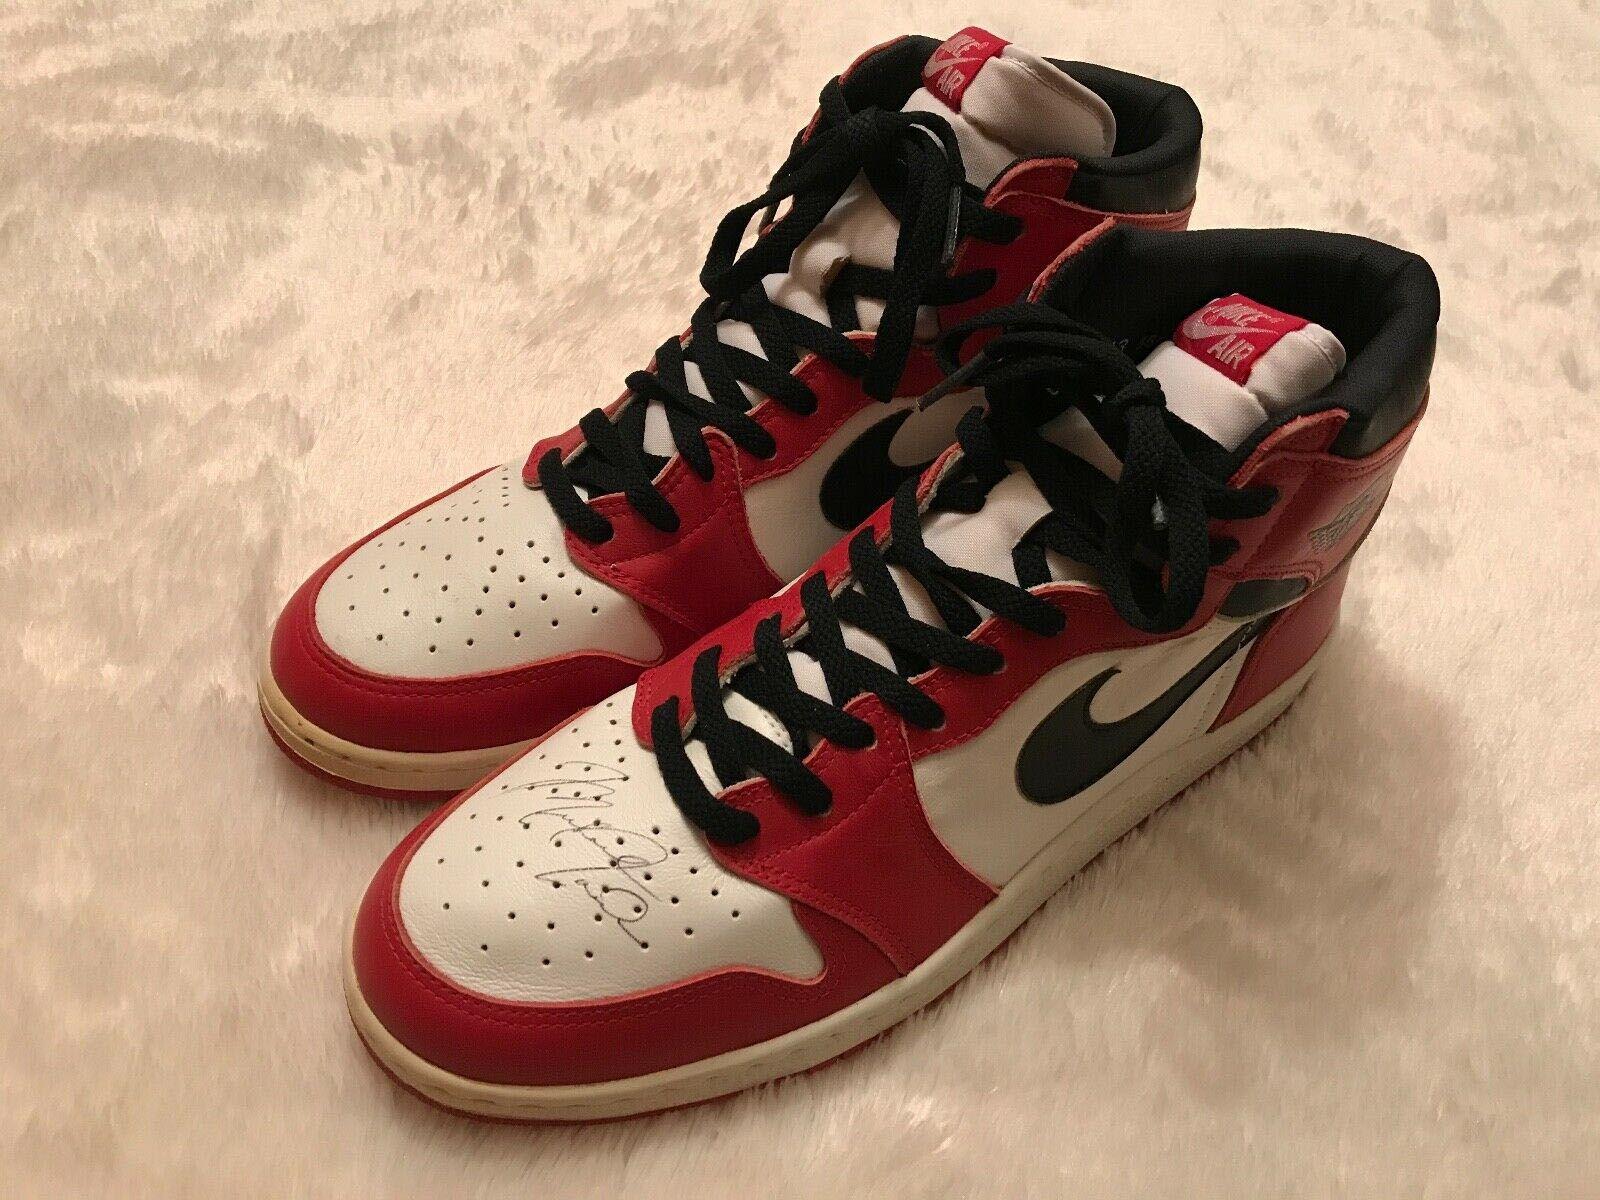 Michael Jordan-Signed Air Jordan 1s Are Up for $1 Million on eBay